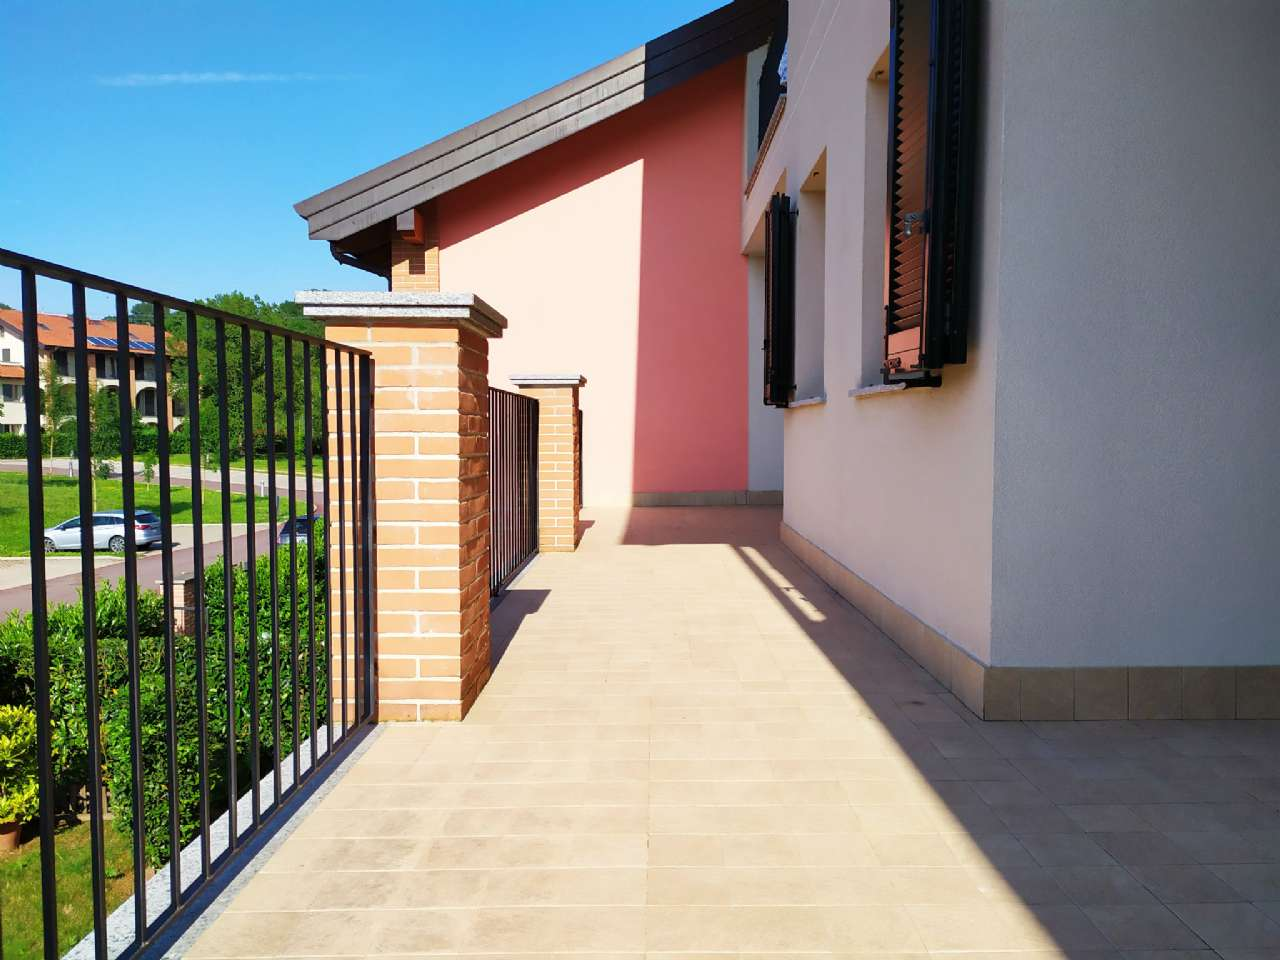 Lissago-Calcinate - Trilocale con ampio terrazzo panoramico e posto auto scoperto, foto 11